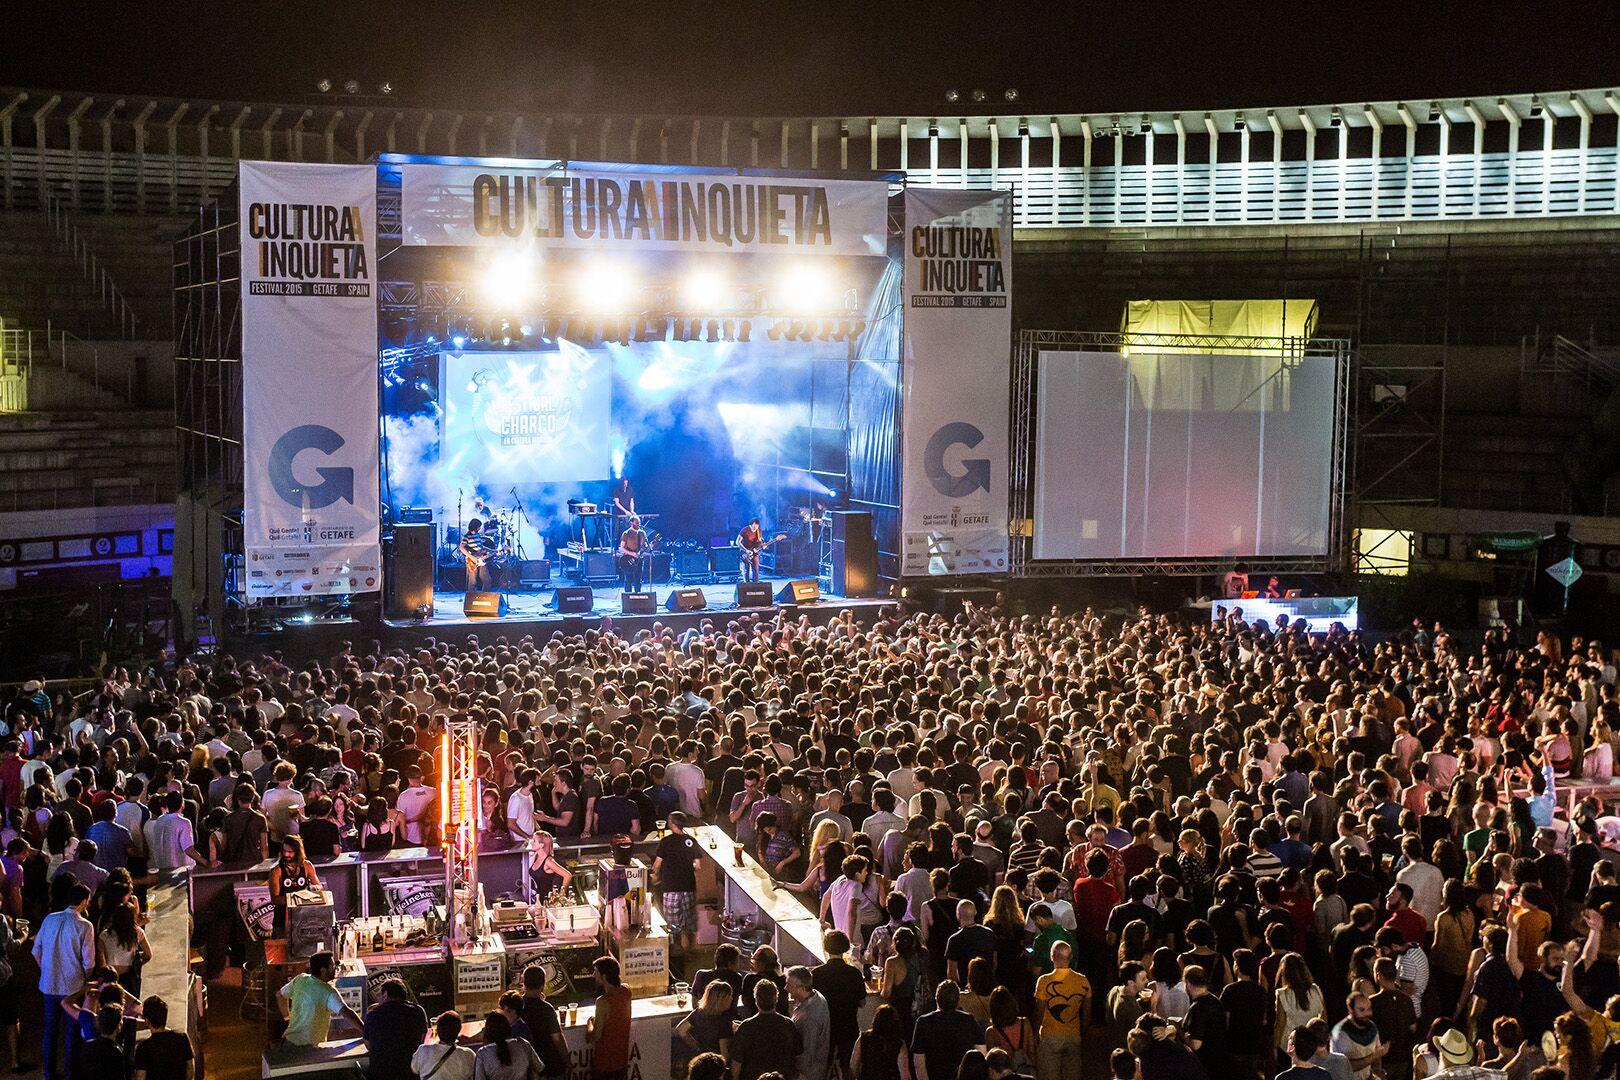 Imagen del Festival Charco, durante la última edición del Cultura Inquieta.